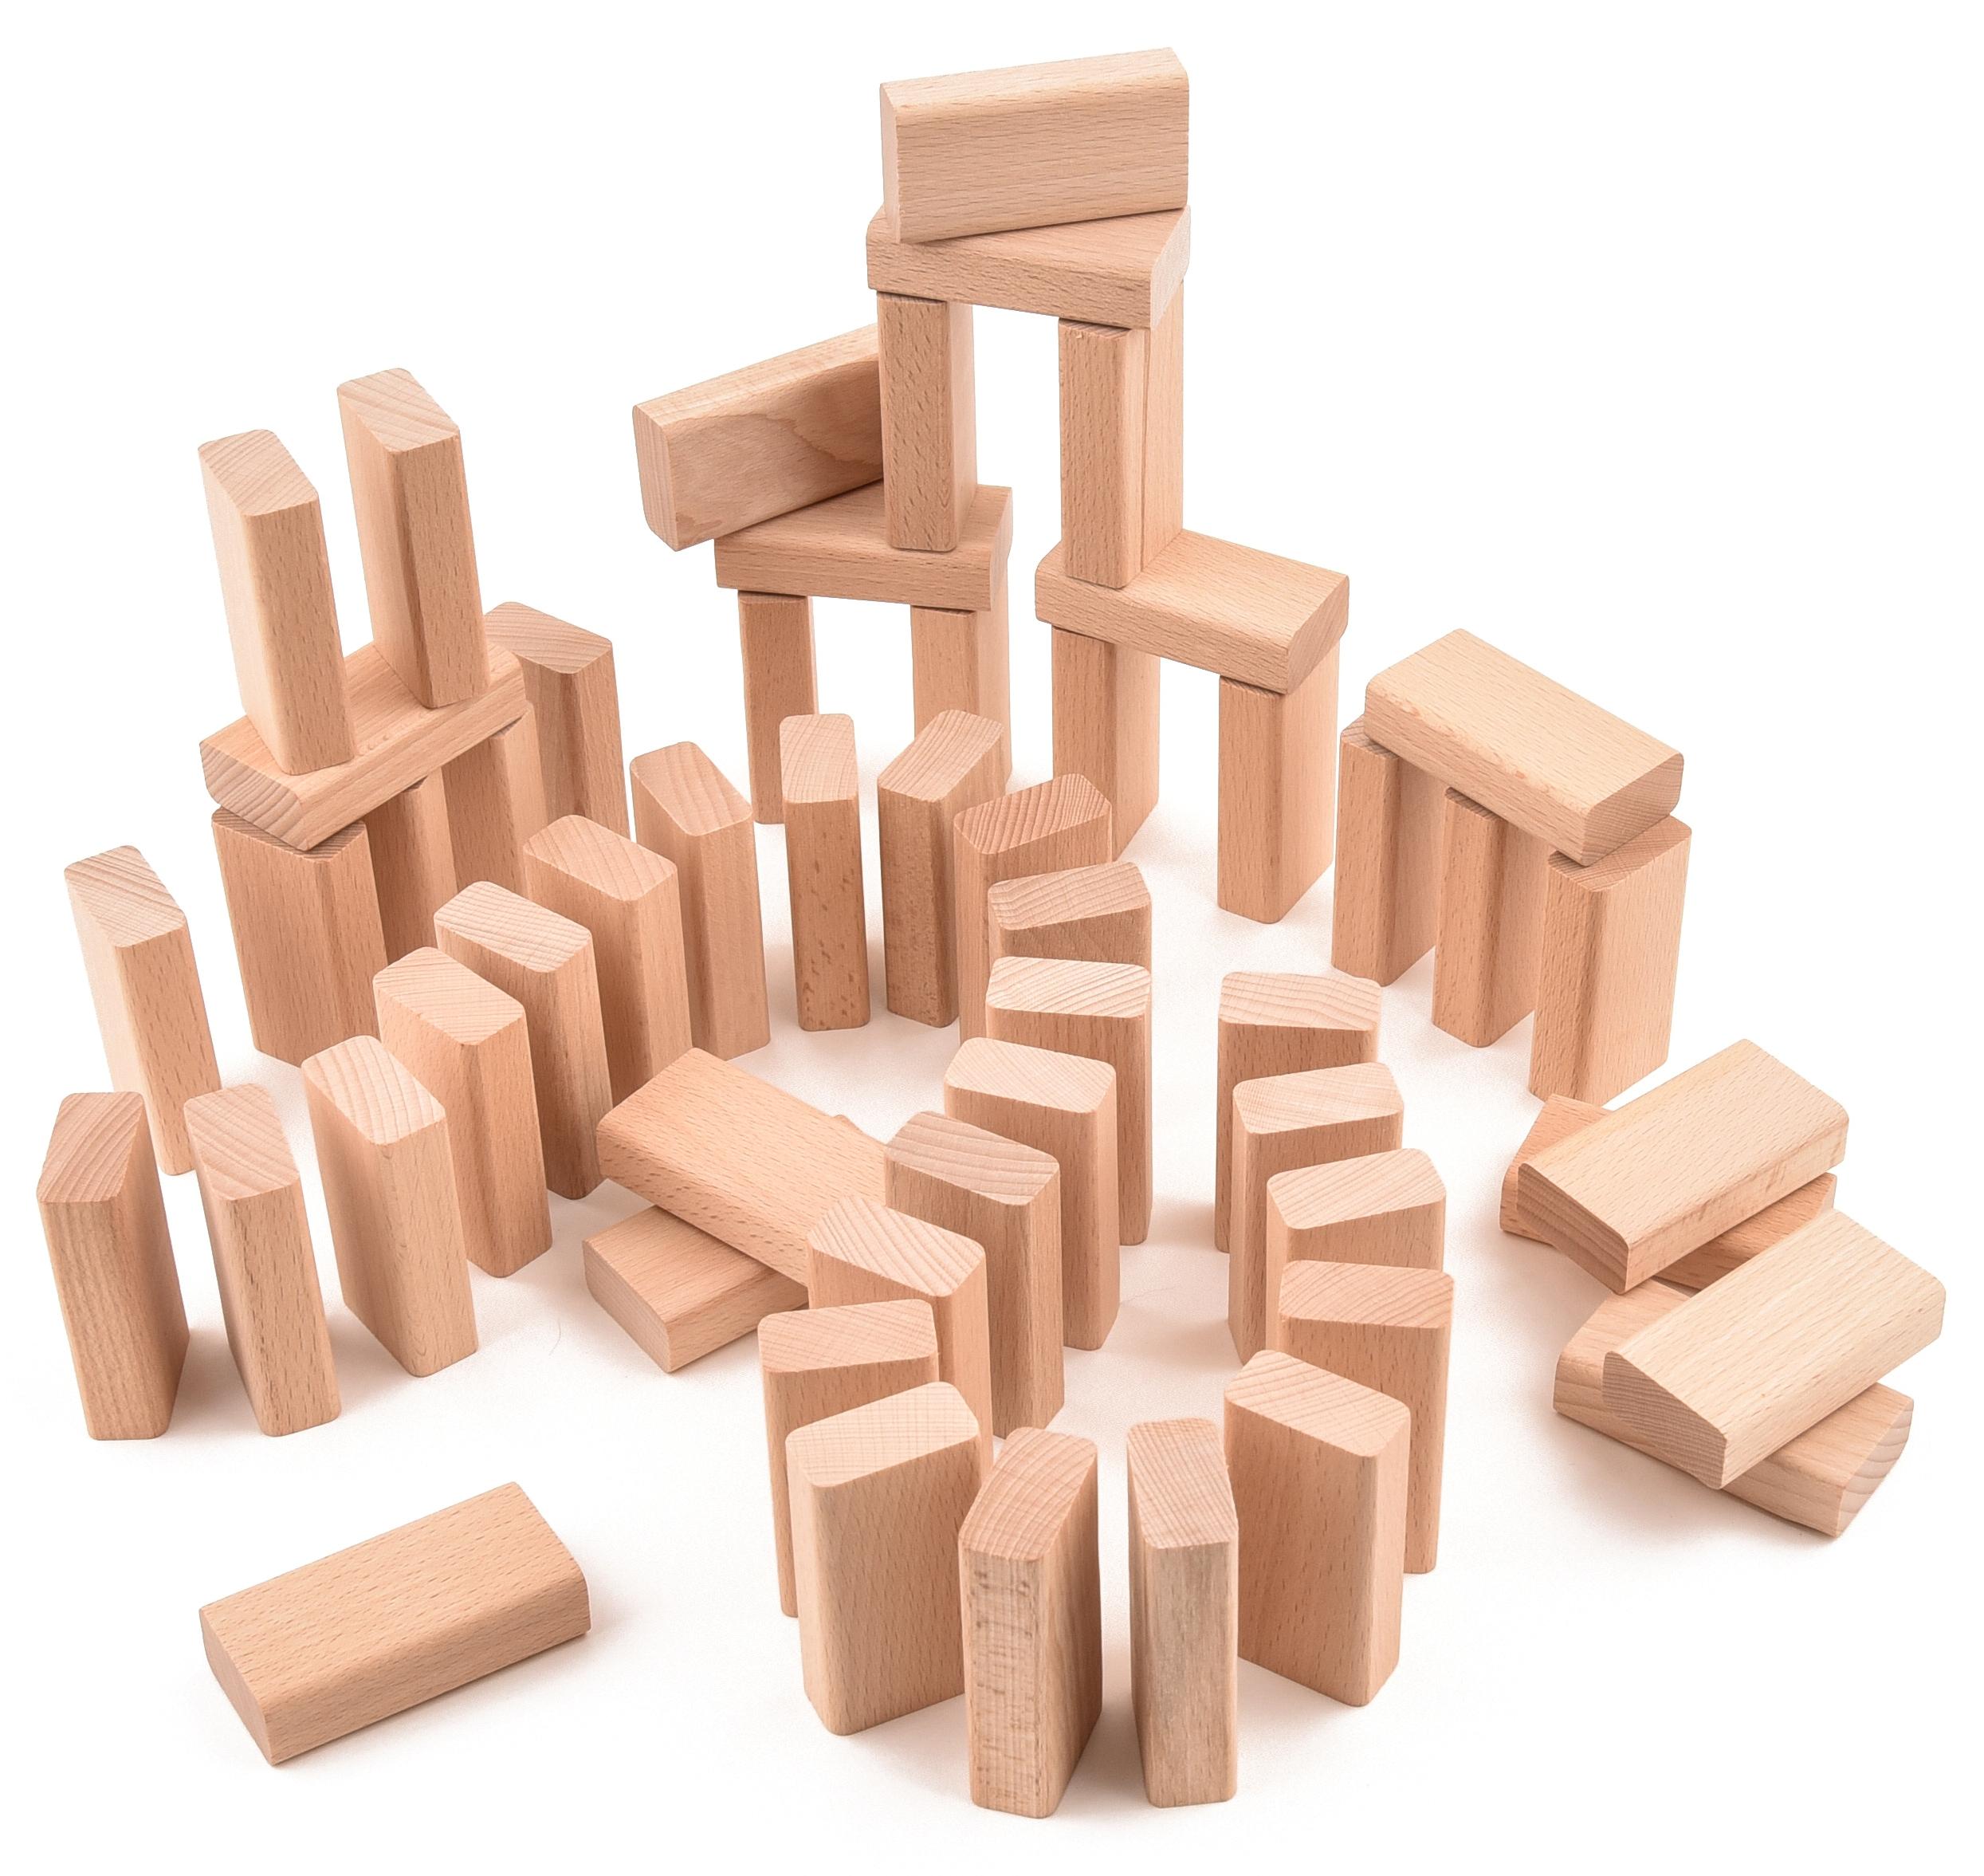 VictorCube Dřevěná stavebnice - malé desky - 55 ks (+ pytlík)